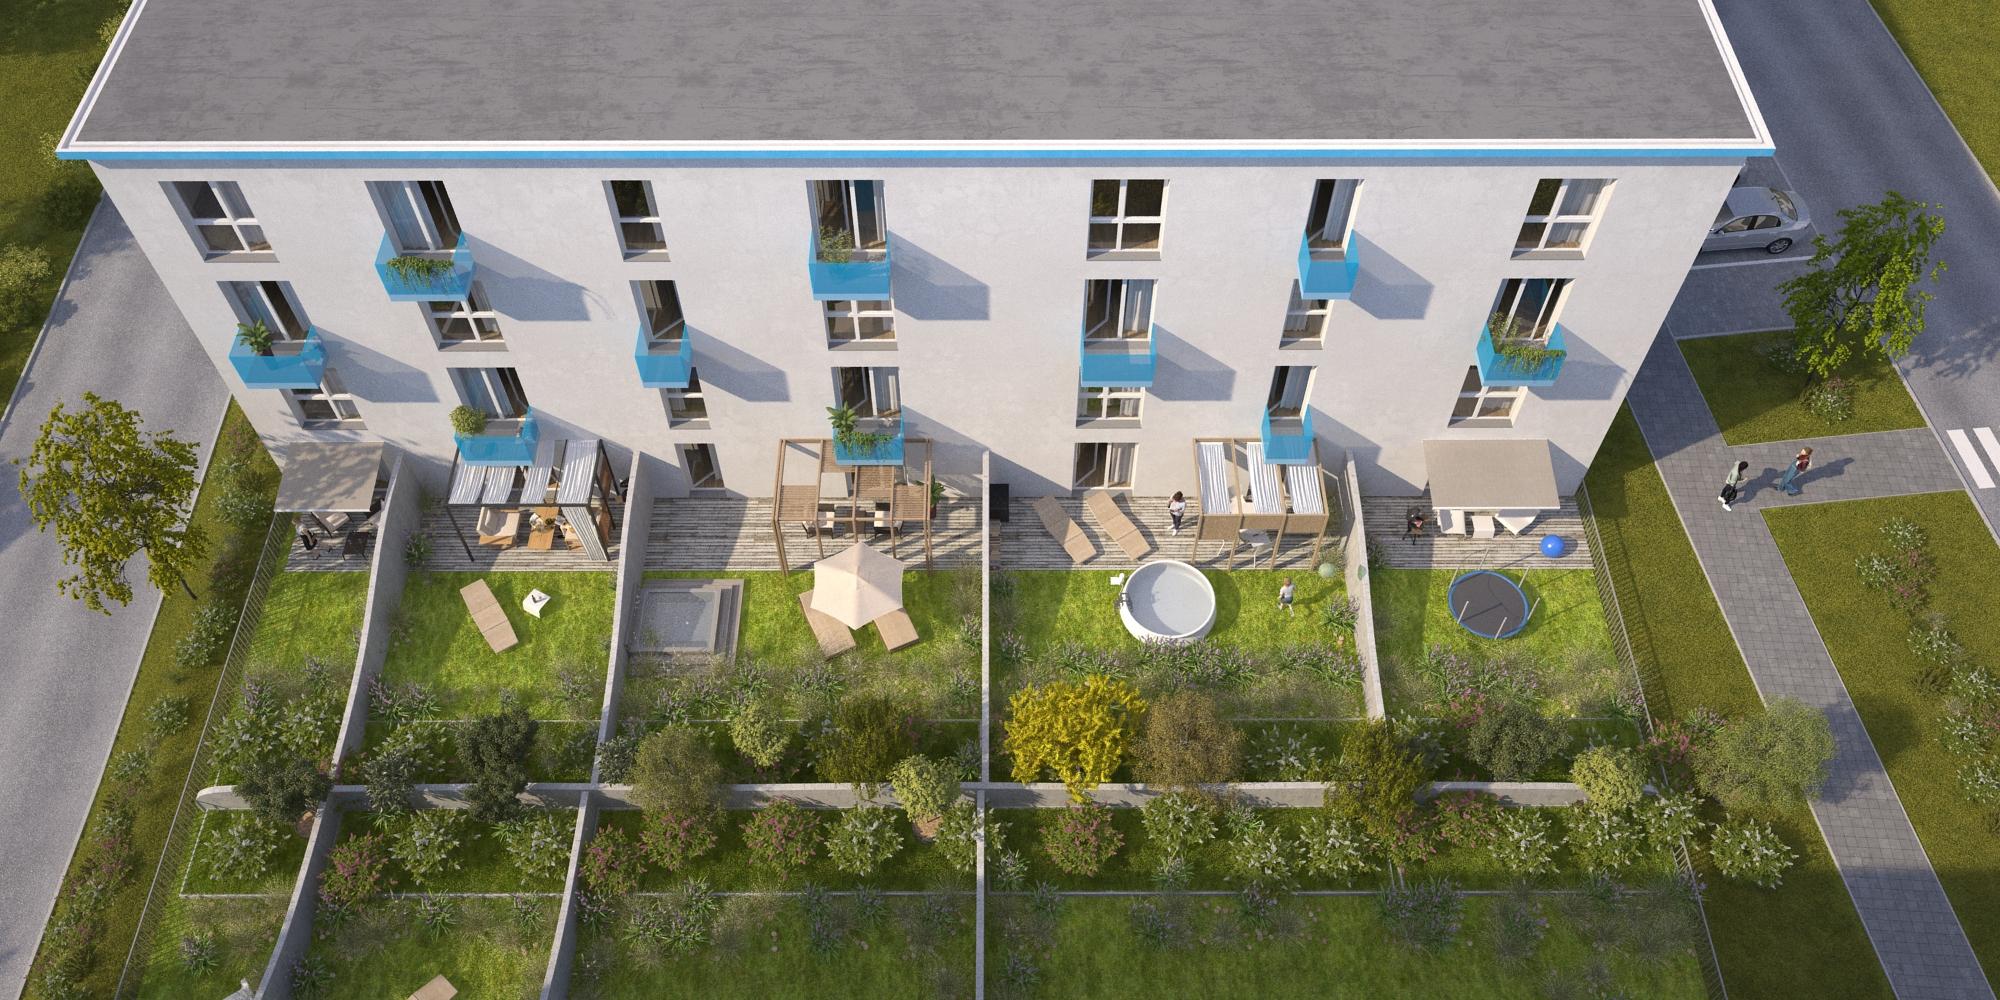 Nový projekt bytů a domů pro luxusní bydlení